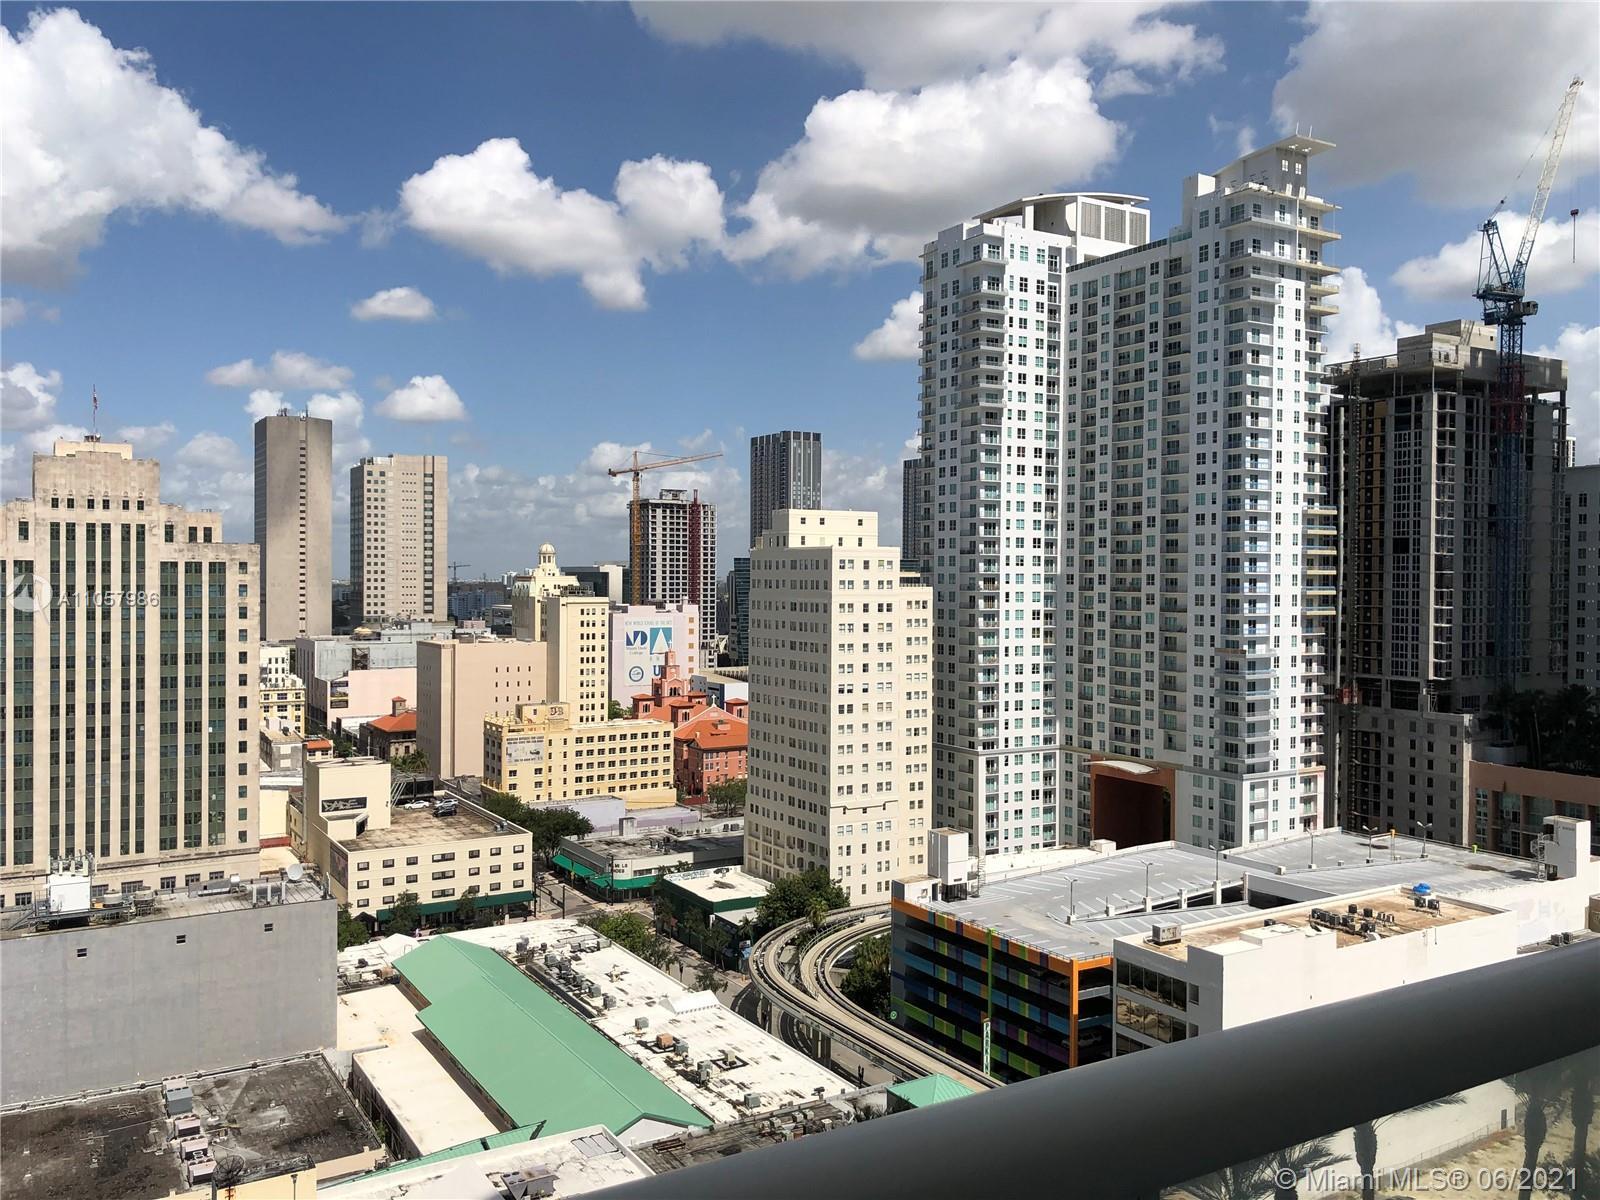 50 Biscayne #2011 - 50 Biscayne Blvd #2011, Miami, FL 33132